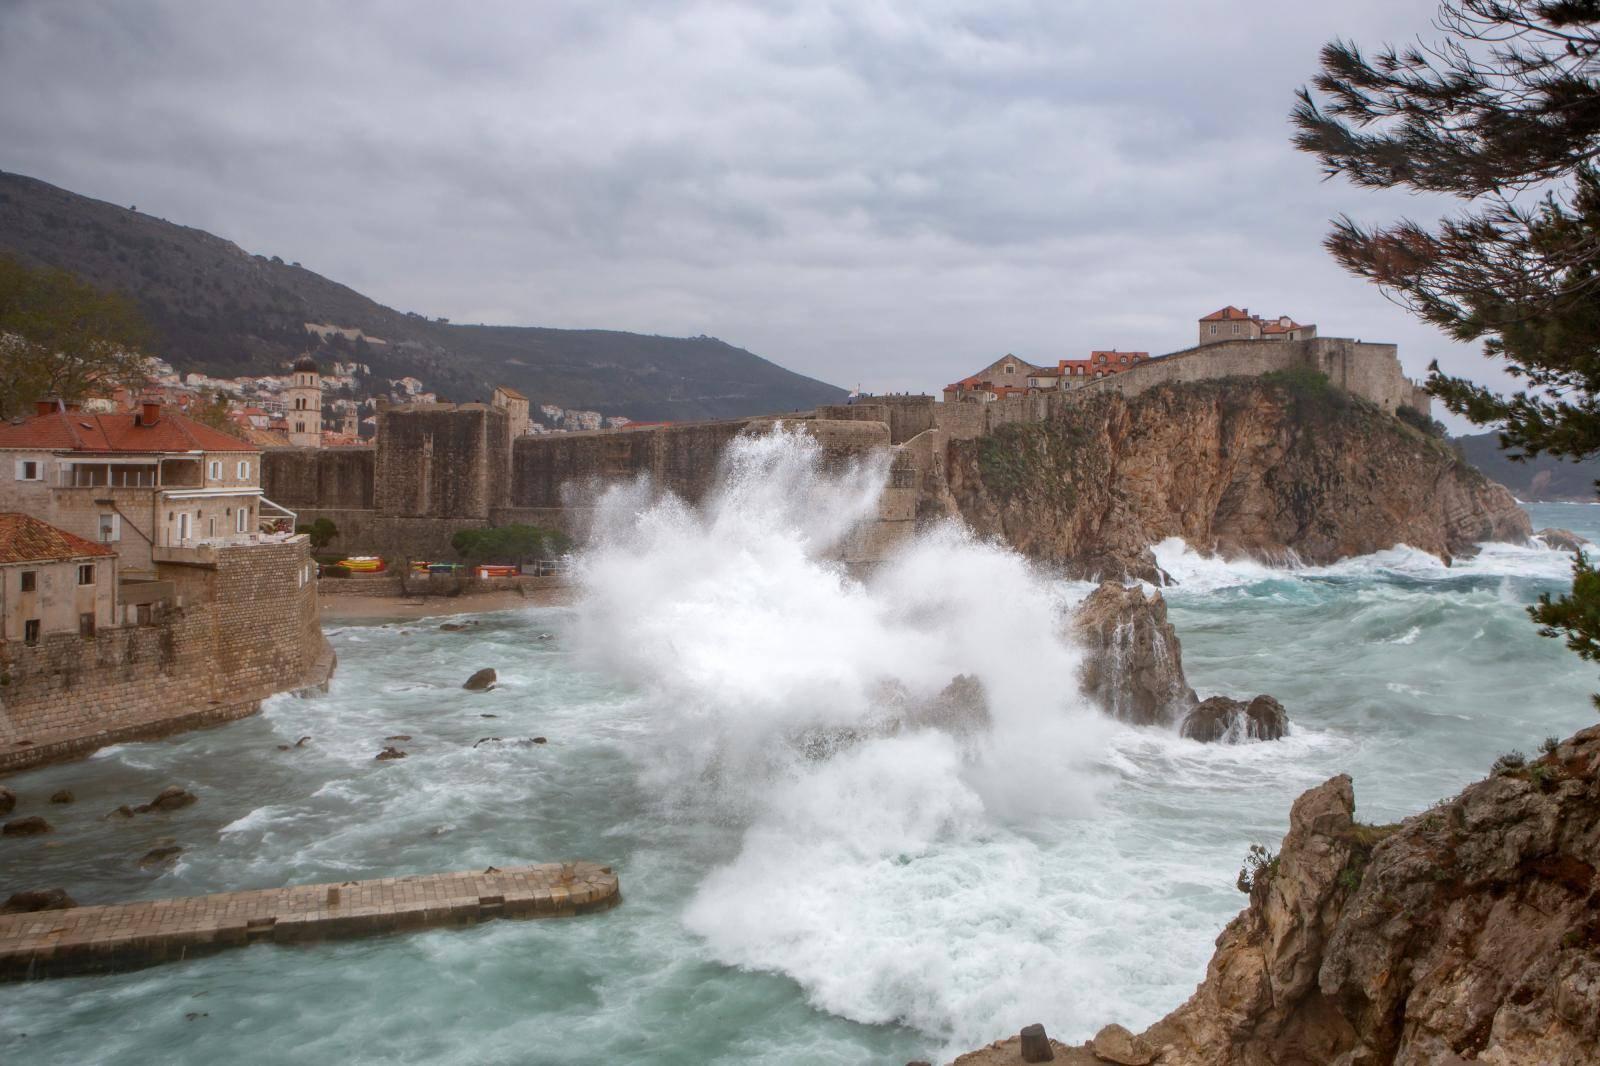 Jako nevrijeme zahvatilo Dubrovnik